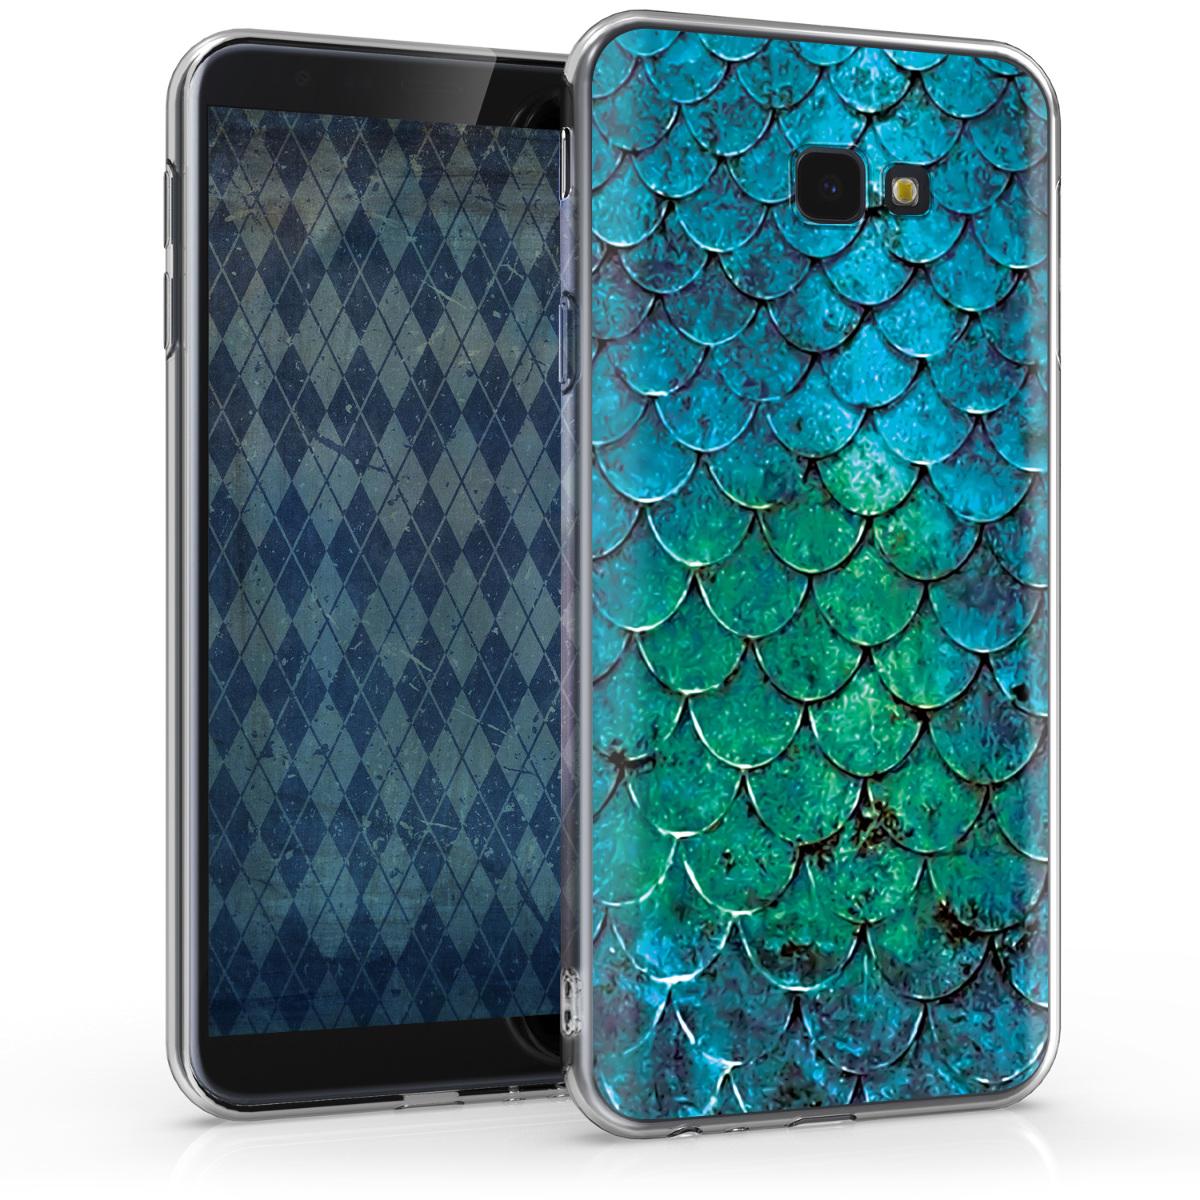 Kvalitní silikonové TPU pouzdro pro Samsung J4+ | J4 Plus DUOS - Mermaid Váhy tyrkysová / modrý / zelený